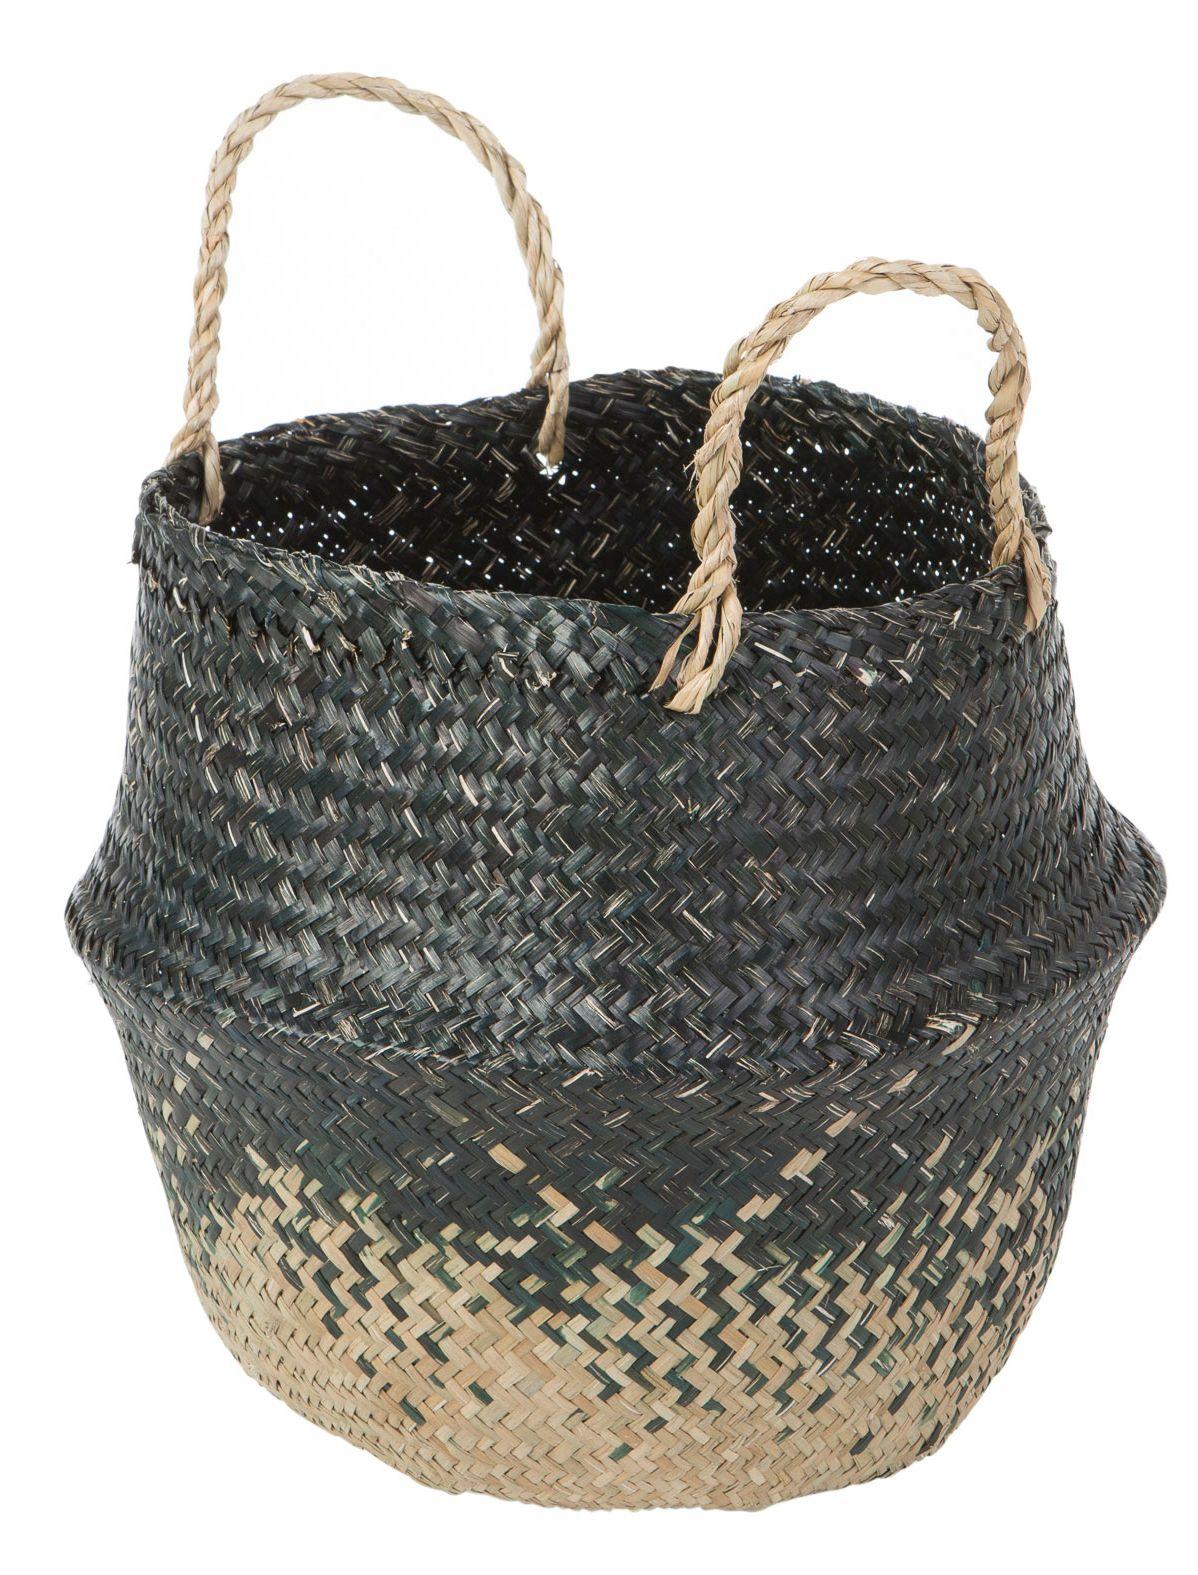 Deko-Korb schwarz